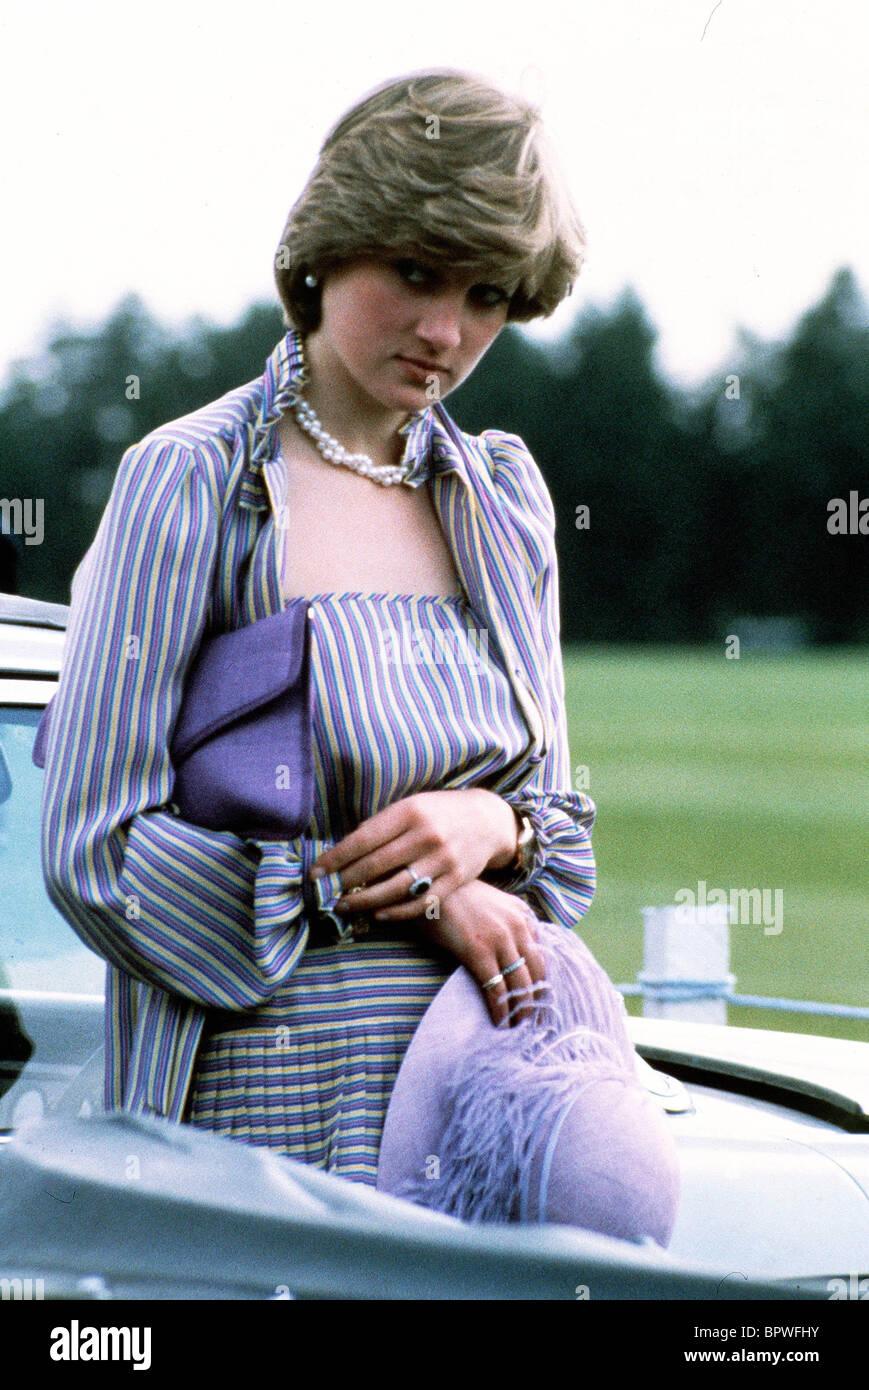 La principessa Diana, principessa del Galles, 01 giugno 1981 Immagini Stock